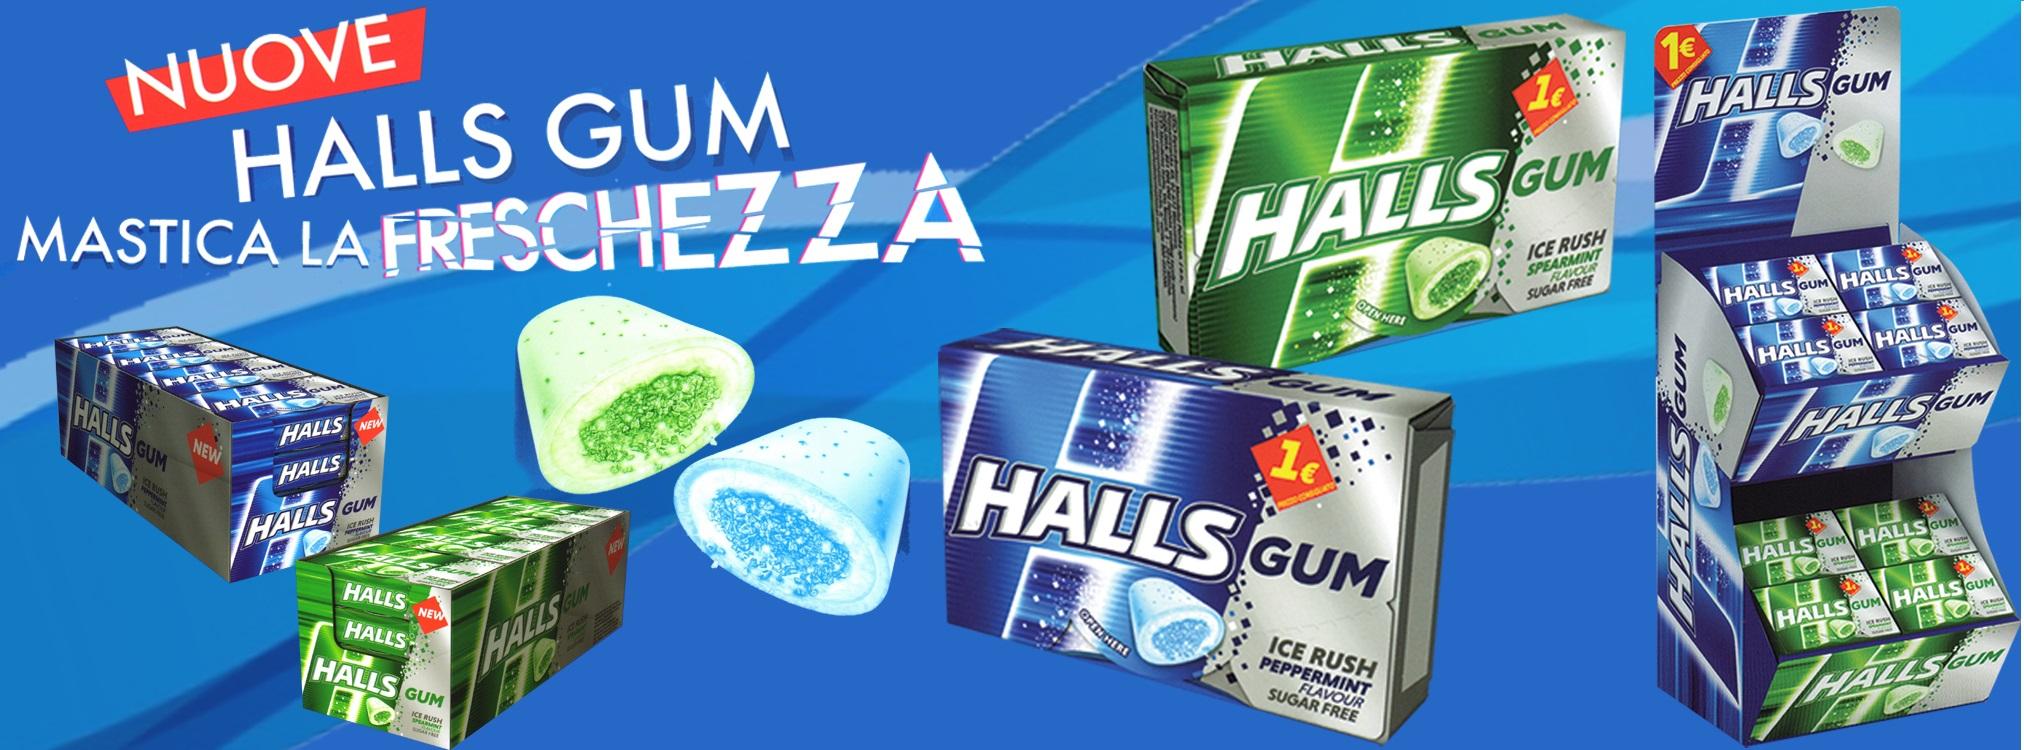 HALLS-GUM-1